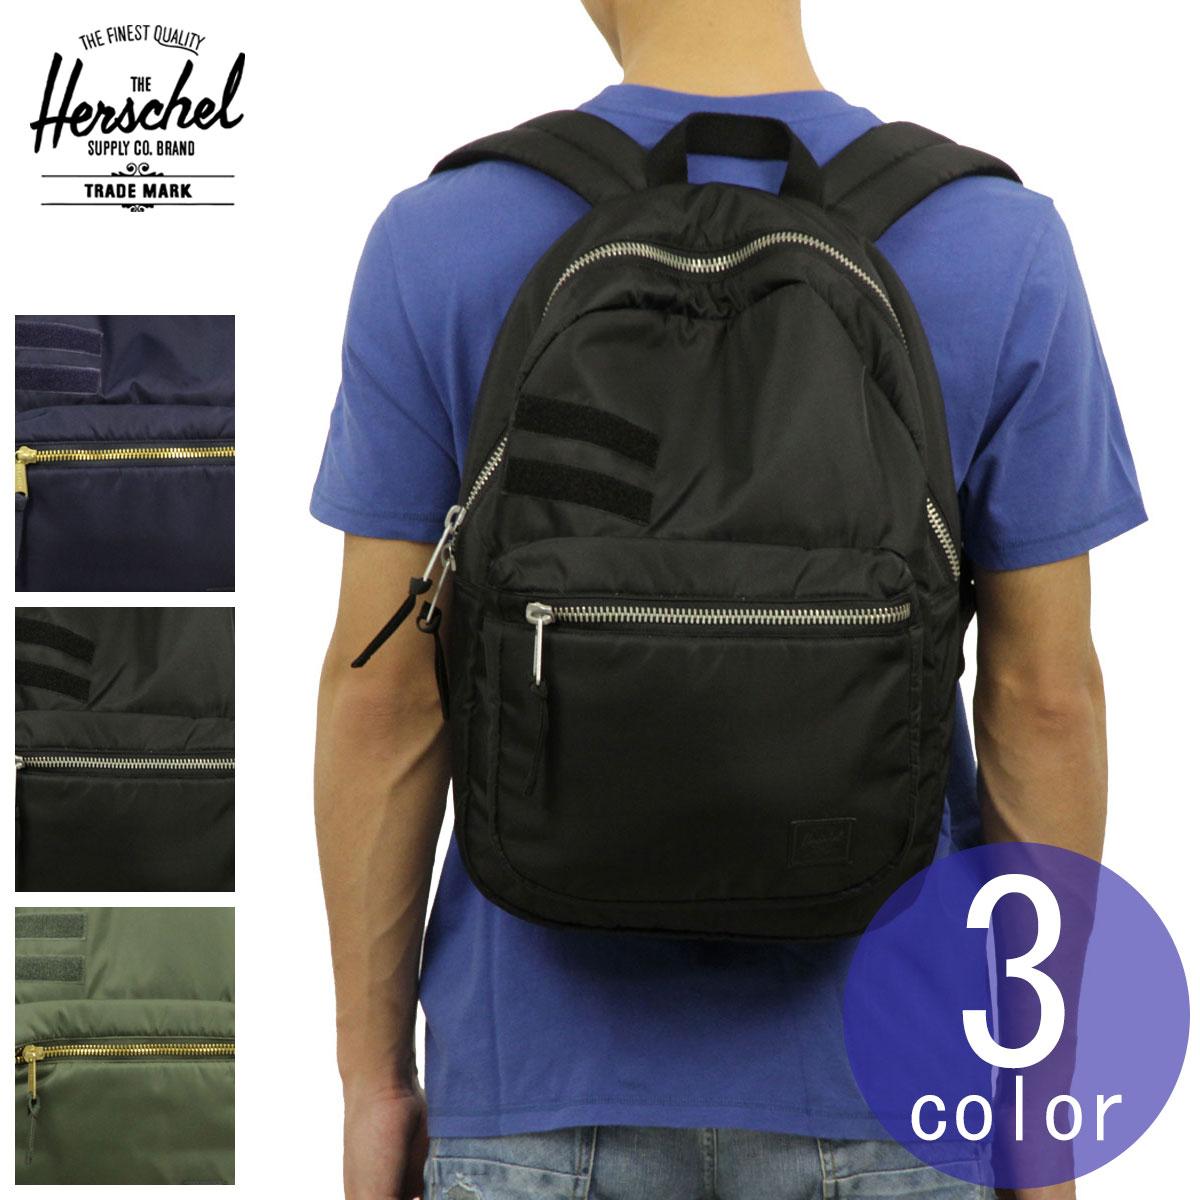 ハーシェル サプライ Herschel Supply 正規販売店 メンズ レディース バッグ リュックサック バックパック LAWSON BACKPACK SURPLUS 10179-OS